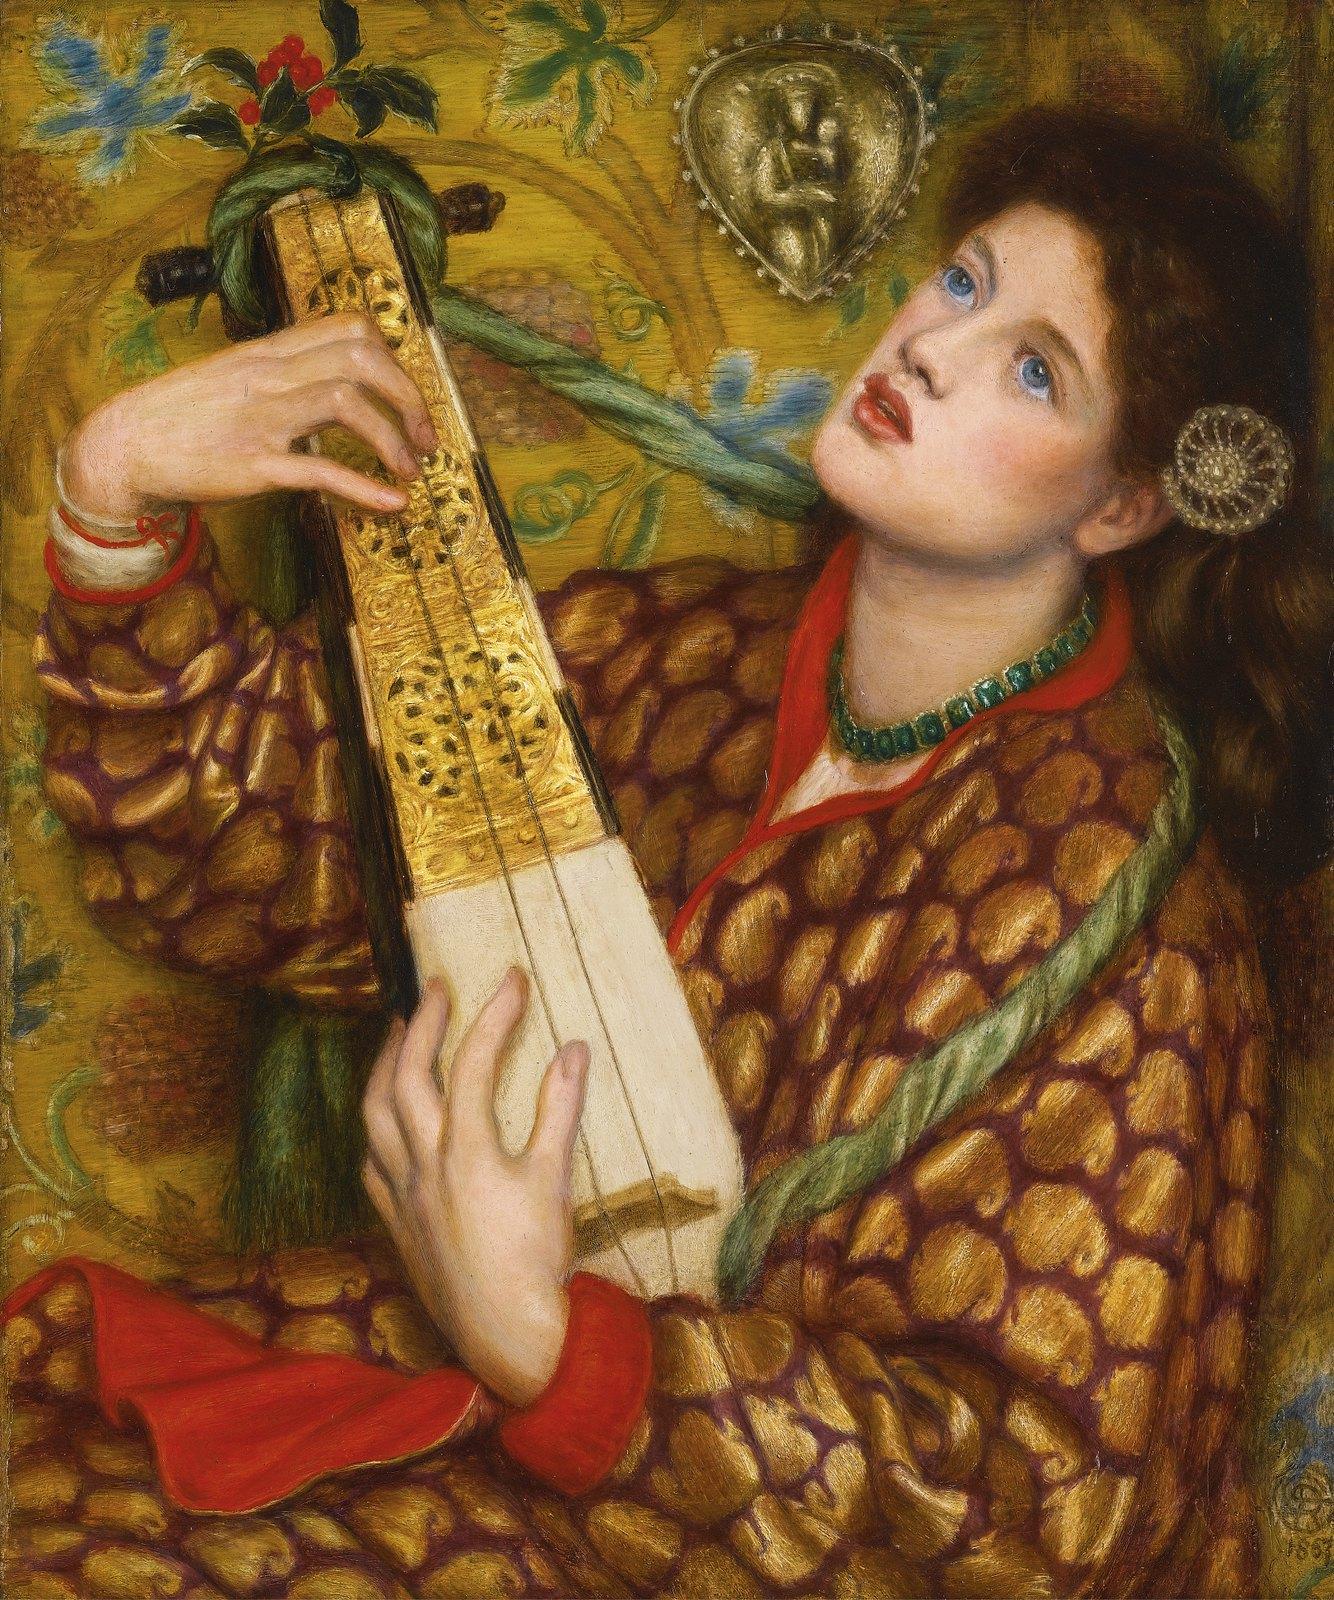 A Christmas Carol by Dante Gabriel Rossetti - 1867